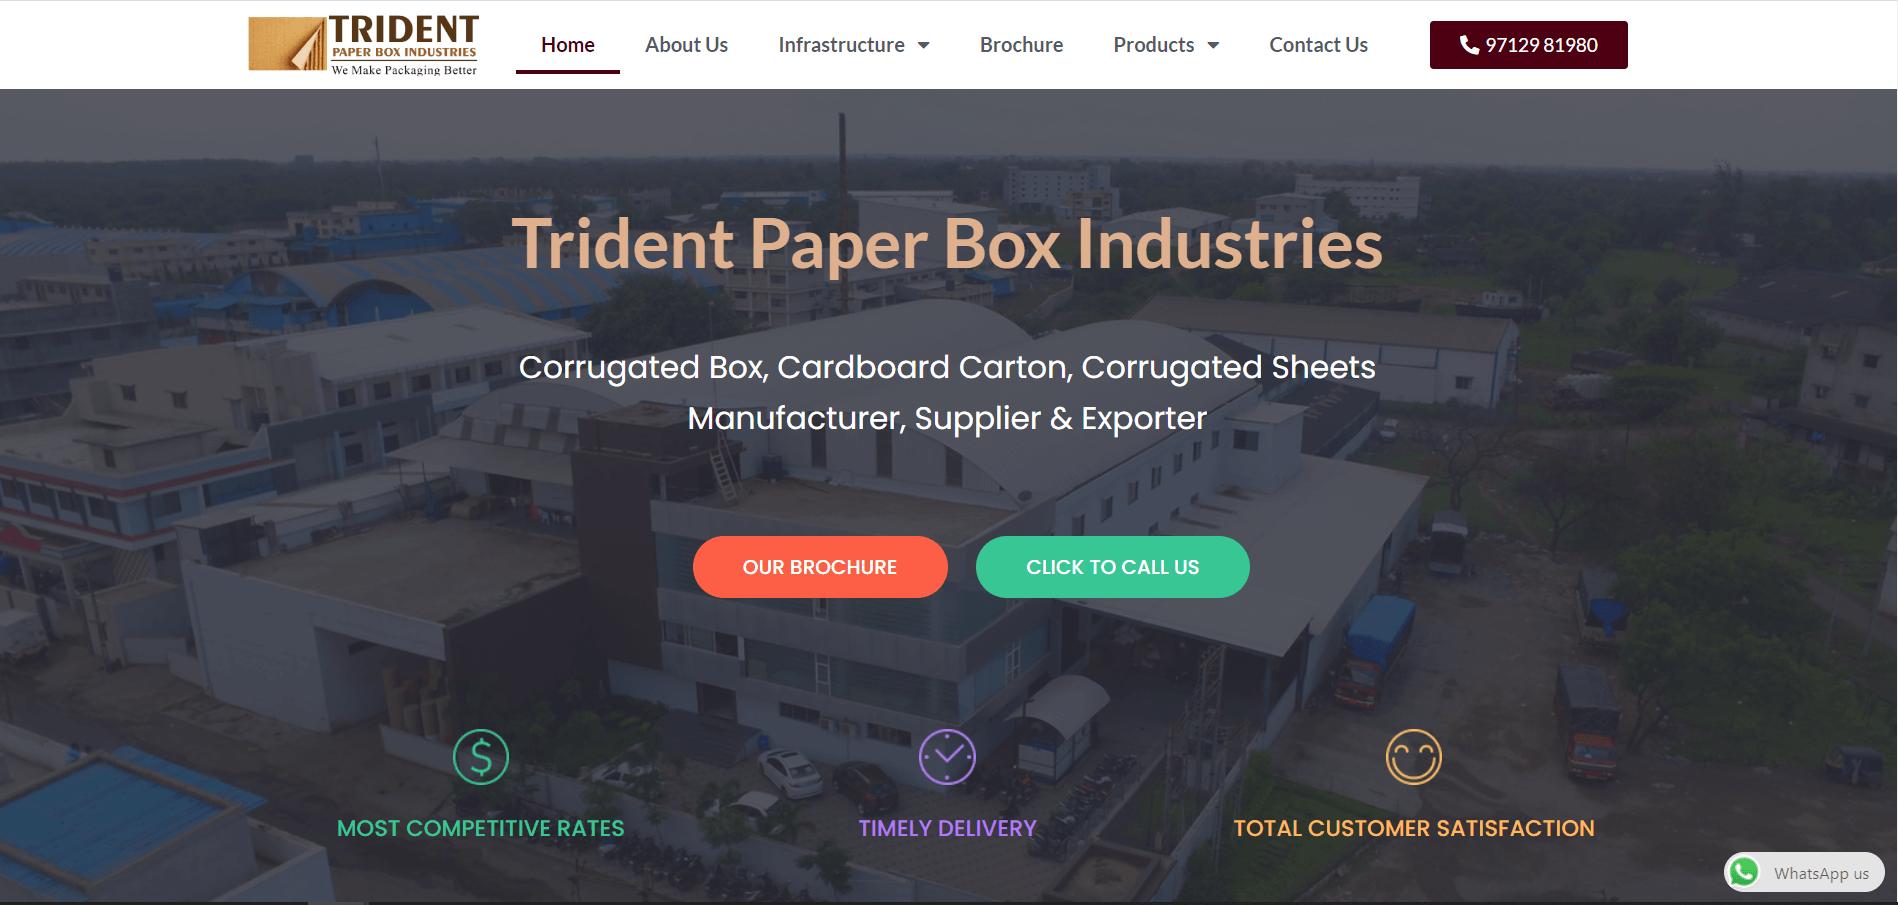 india website design client